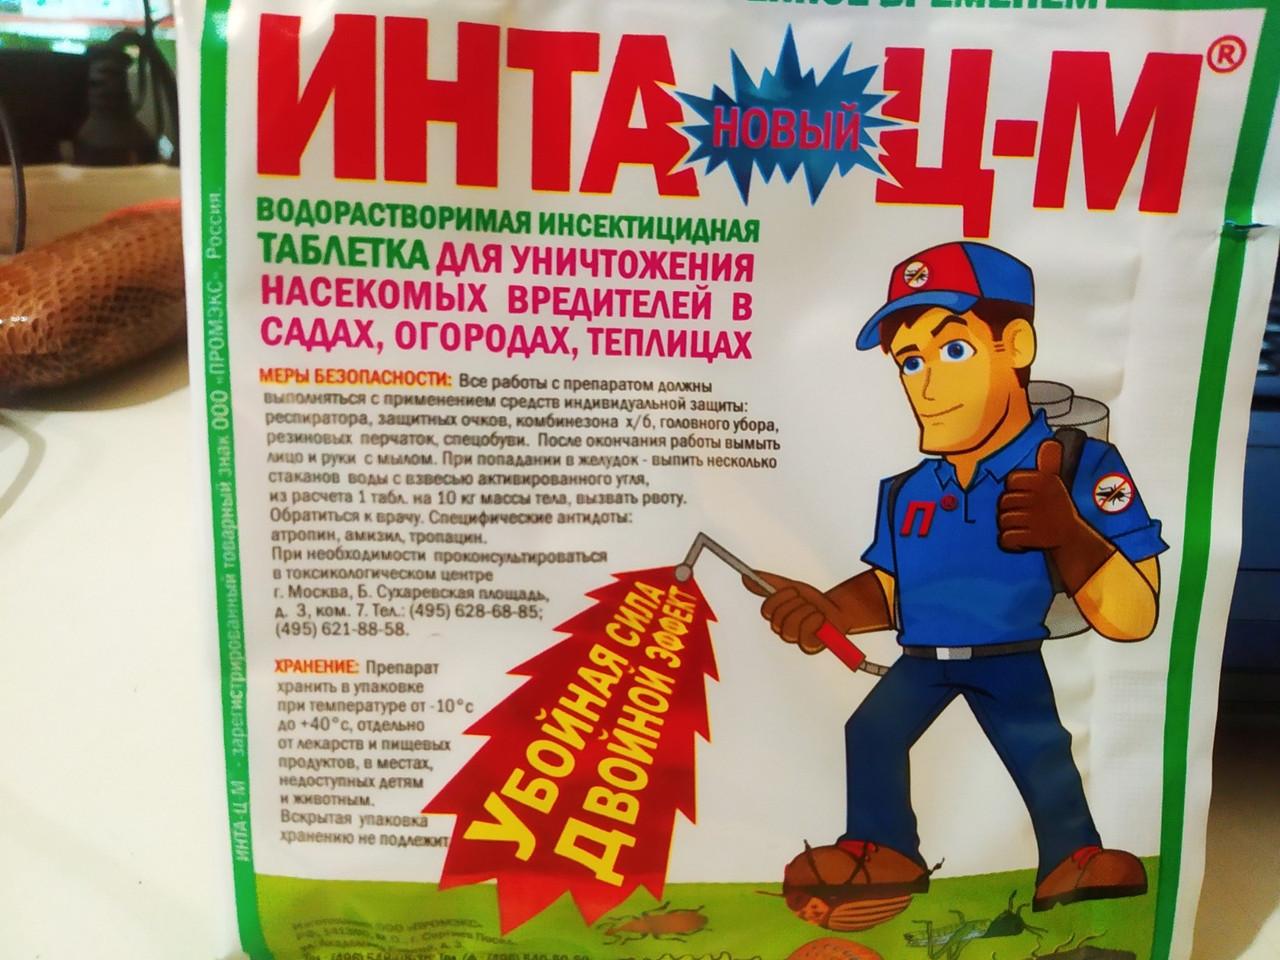 Инсектицид для сада огорода теплицы ИнтаЦМ 8г табл.на 10 литров Промэкс